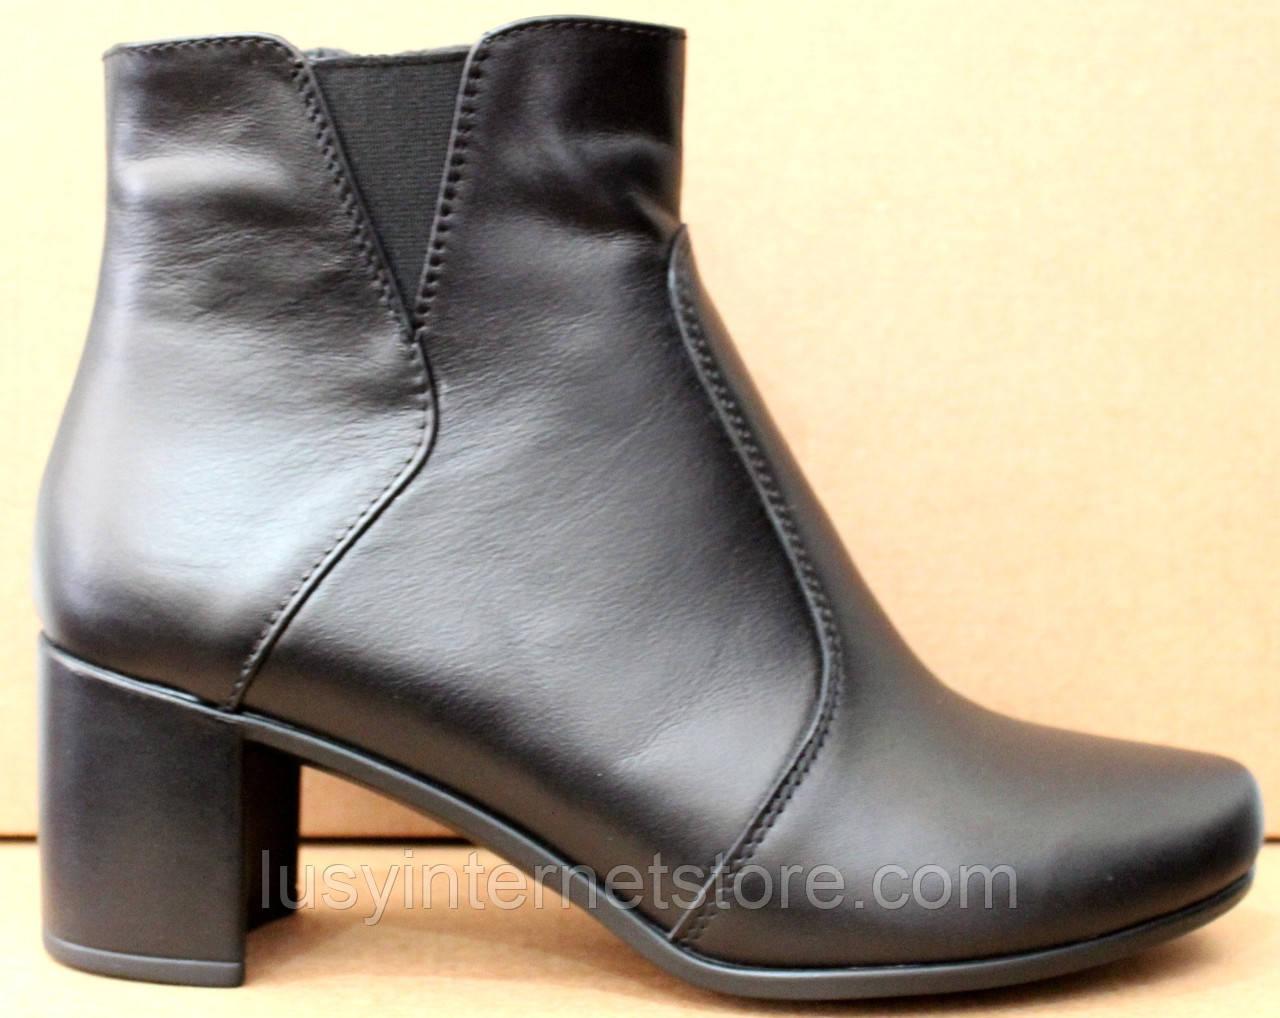 Черевики жіночі чорні шкіряні туфлі на підборах від виробника модель ШБ14Д